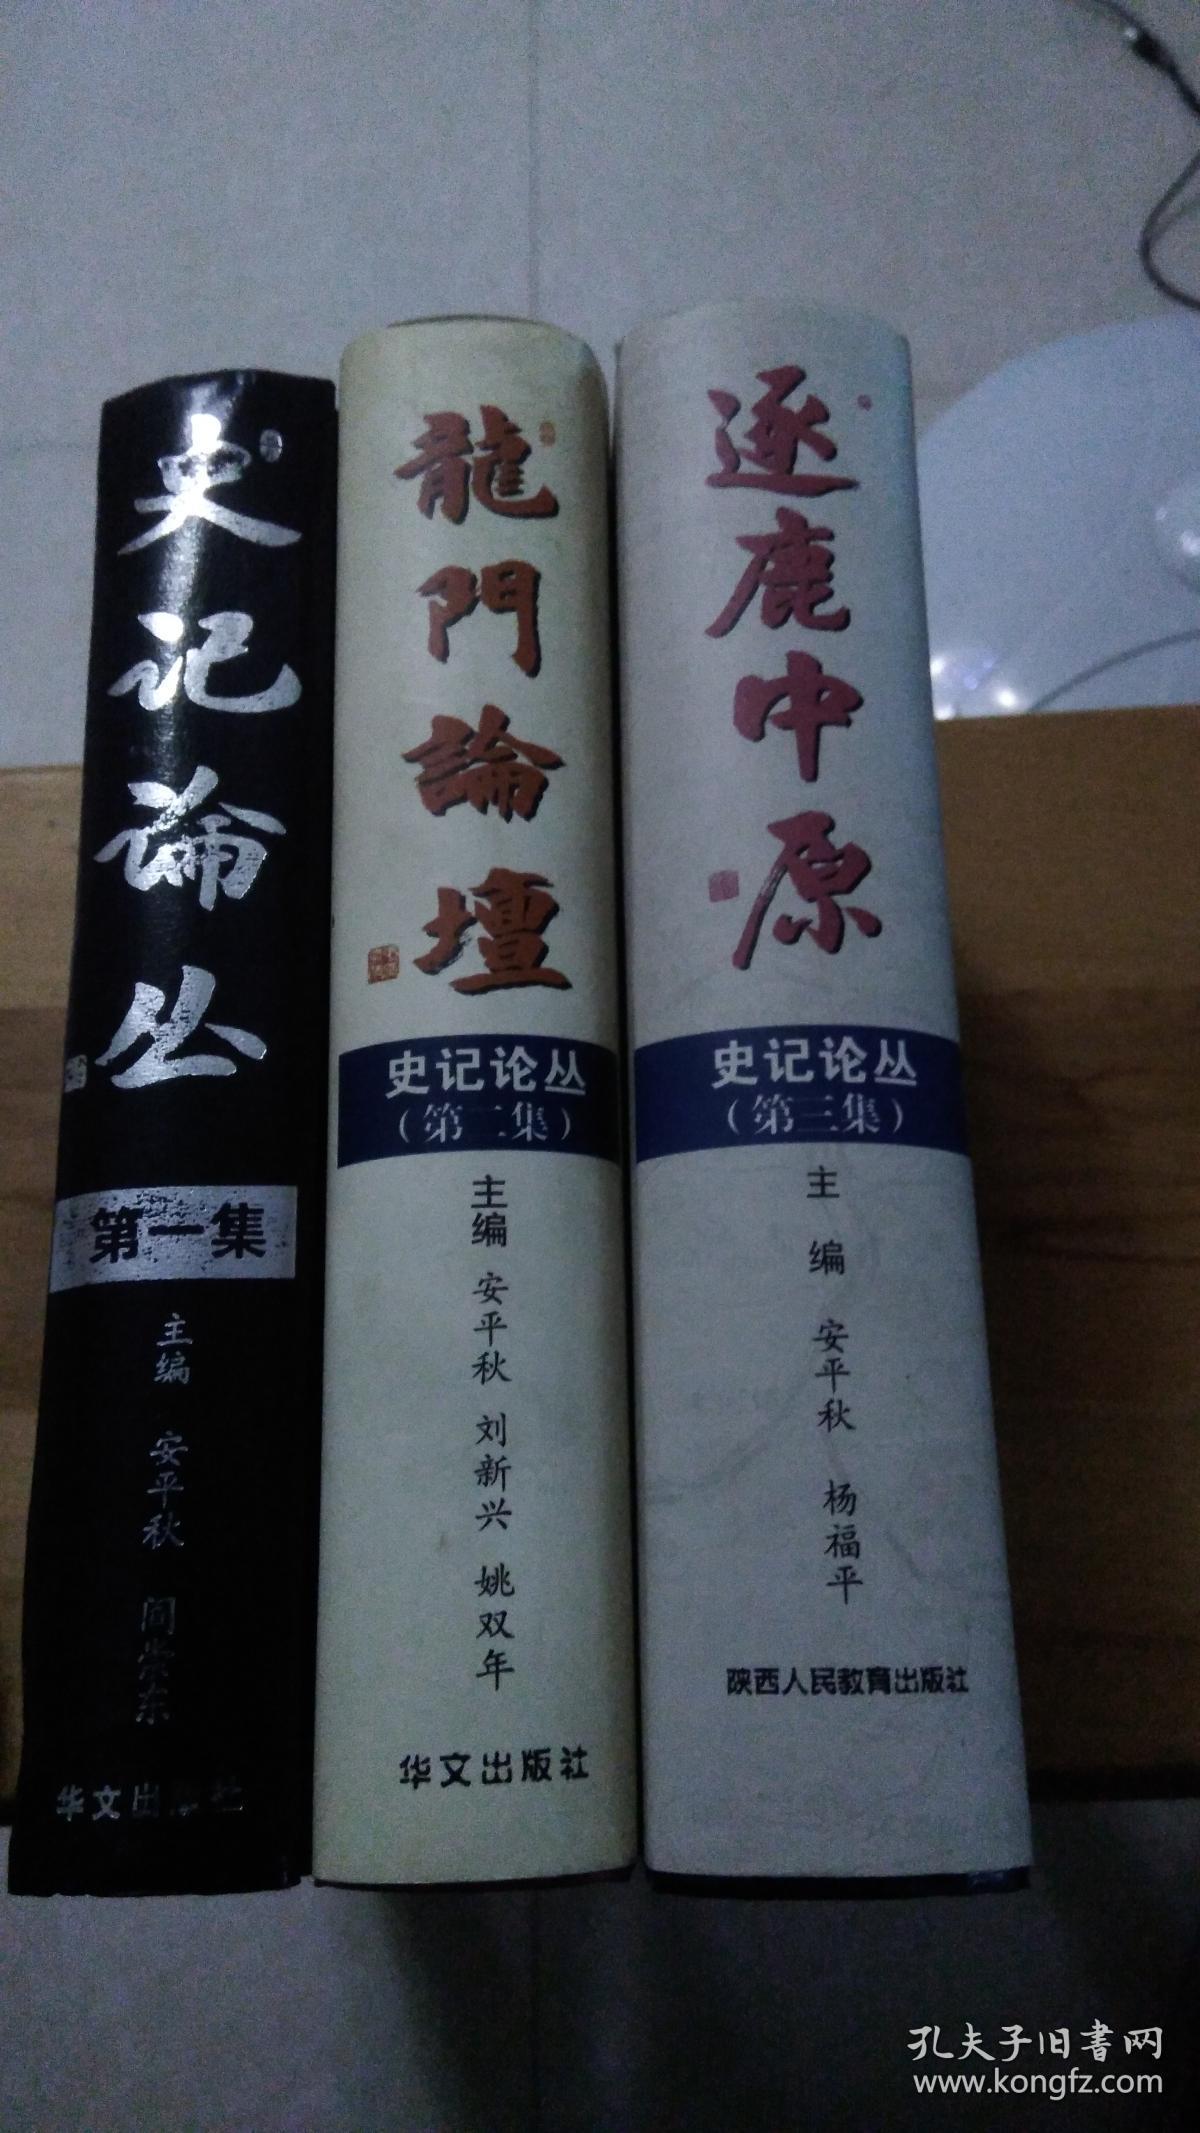 《史记论丛》第一集第二集第三集